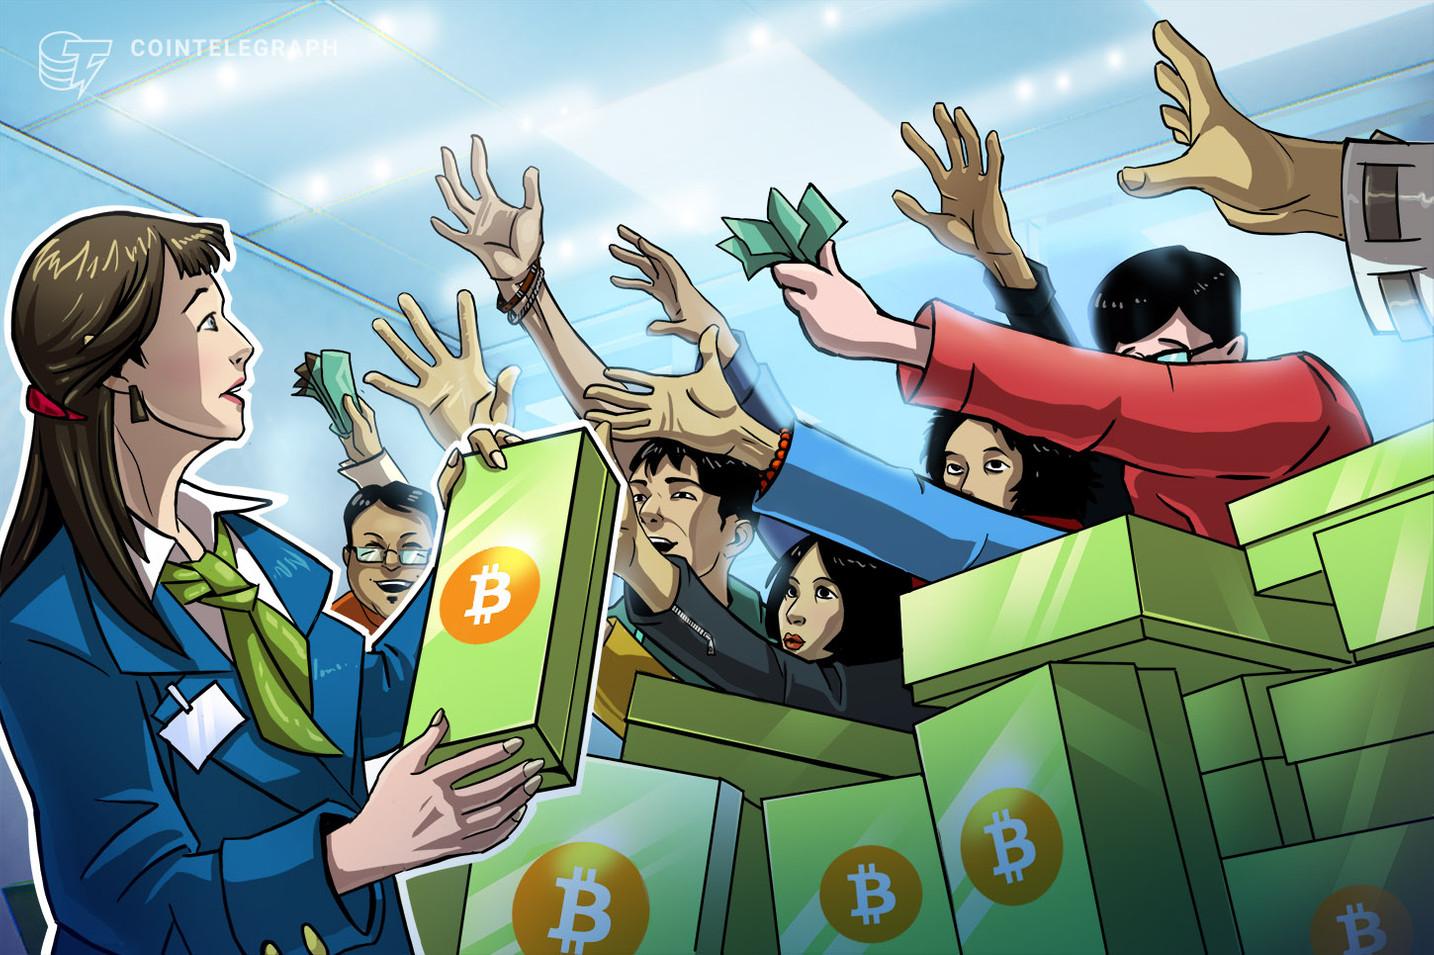 Vânzarea Bitcoin continuă, deoarece BTC se apropie de 31 de dolari înaintea discursului lui Powell